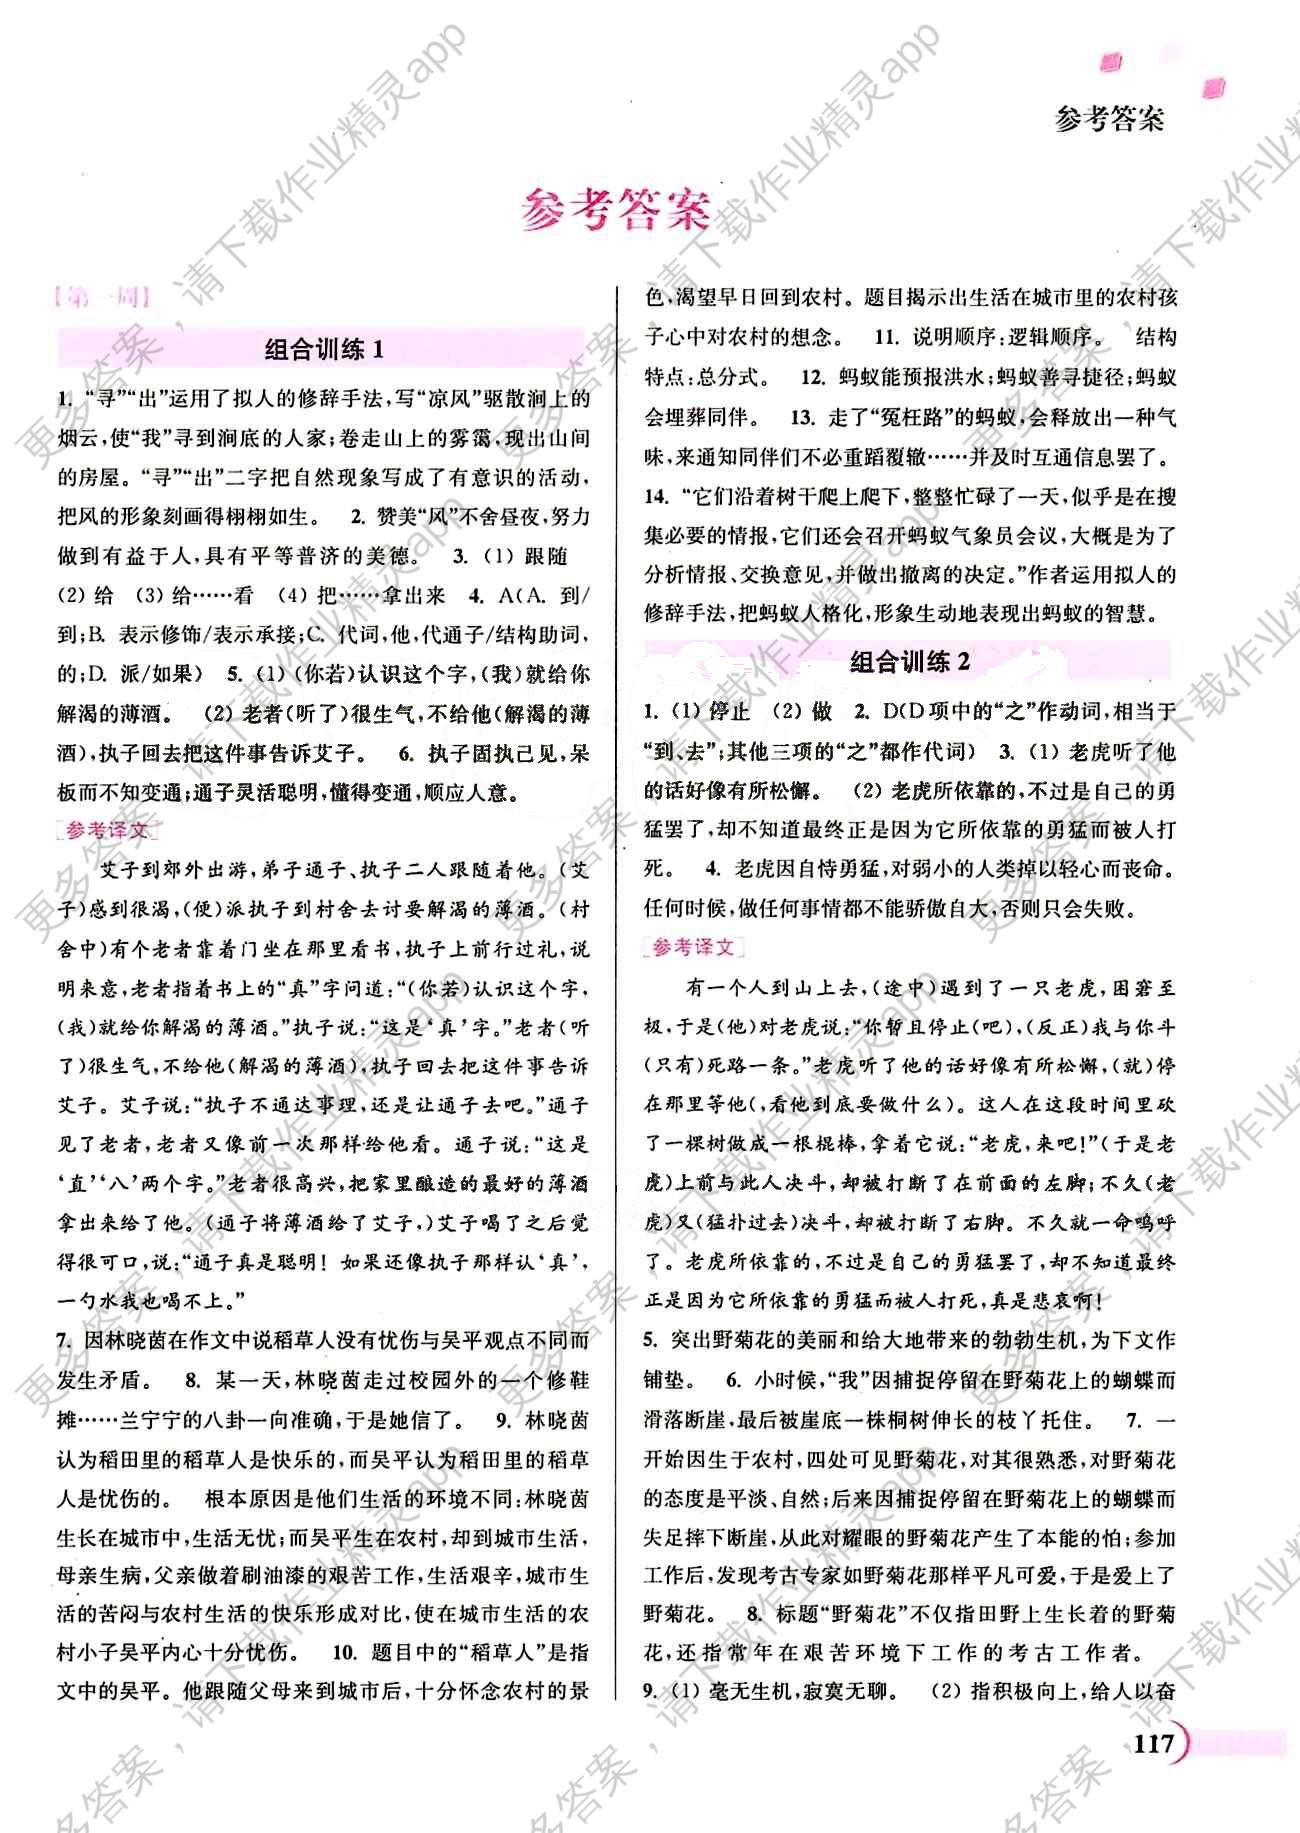 2015春通城学典语文年级不了组合训练八初中怎么办初中过阅读补考图片